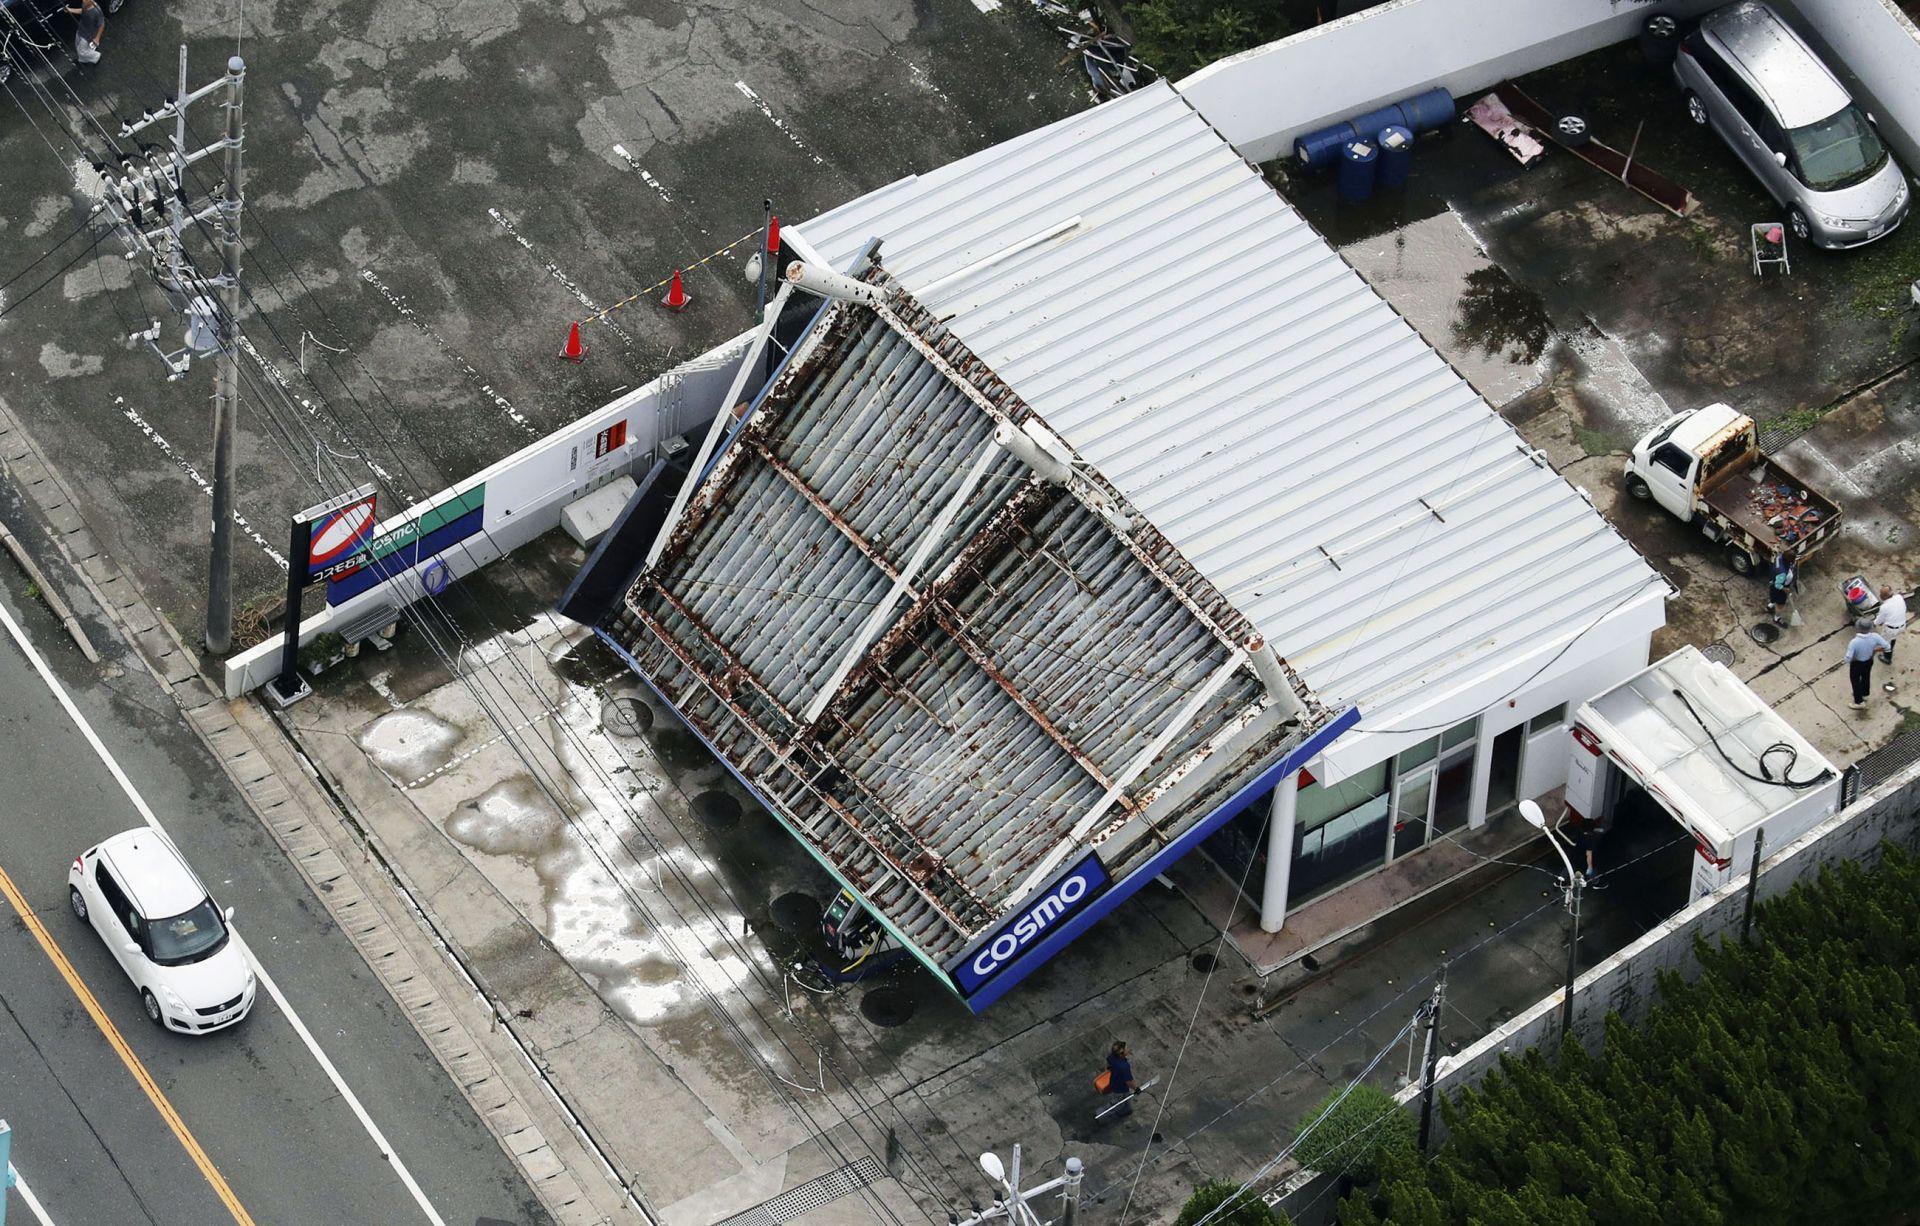 Срутил се голям покрив на бензиностанция в Татеяма, южно от Токио